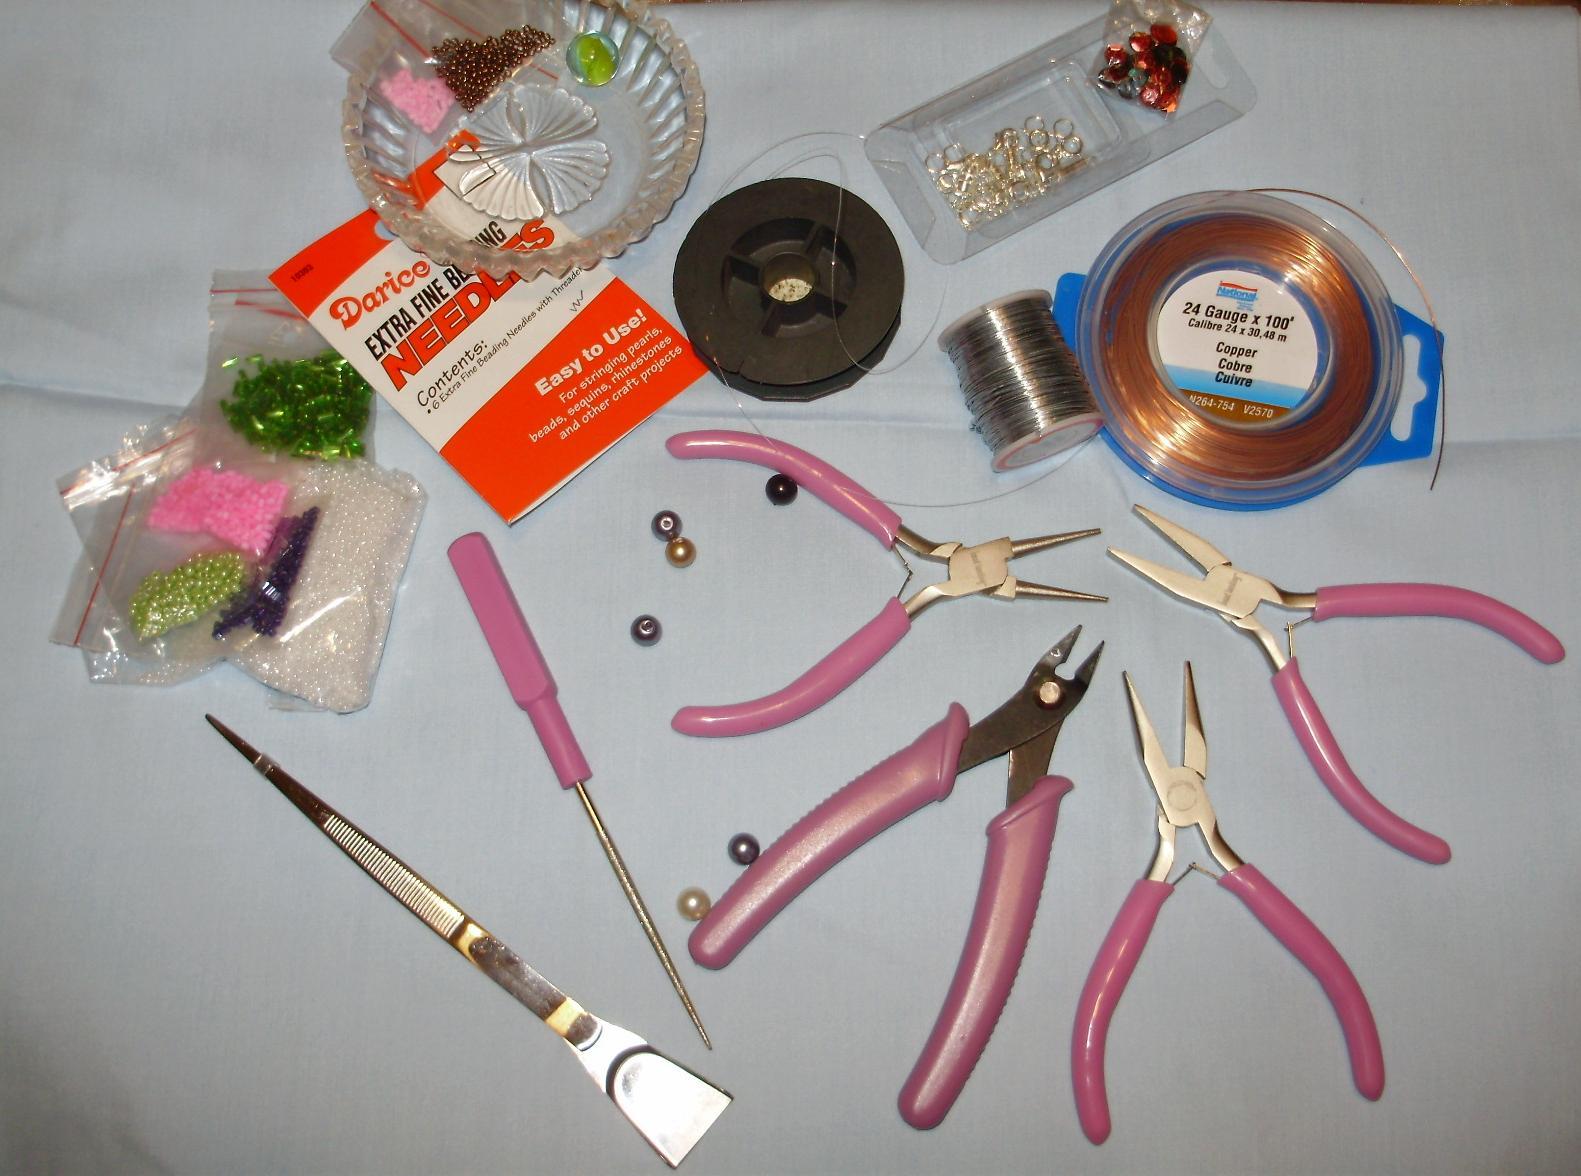 Бисер-Для плетения и шитья может быть использован как многоцветный бисер, так и бисер одного тона.